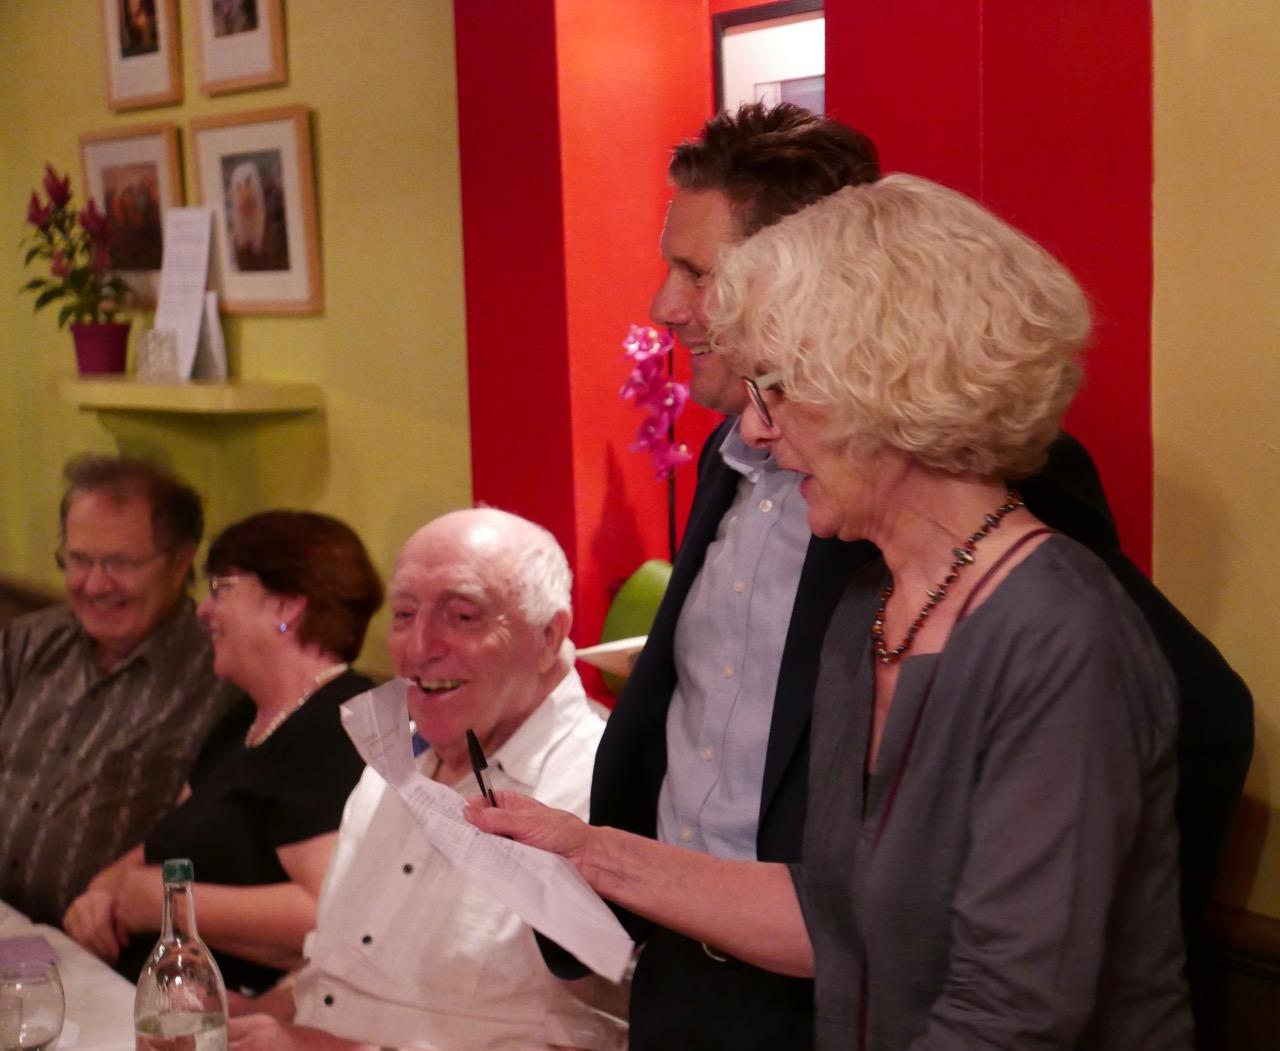 Gospel_Oak_Labour_Party_fundraising_dinner_at_Ravels_(10).jpg